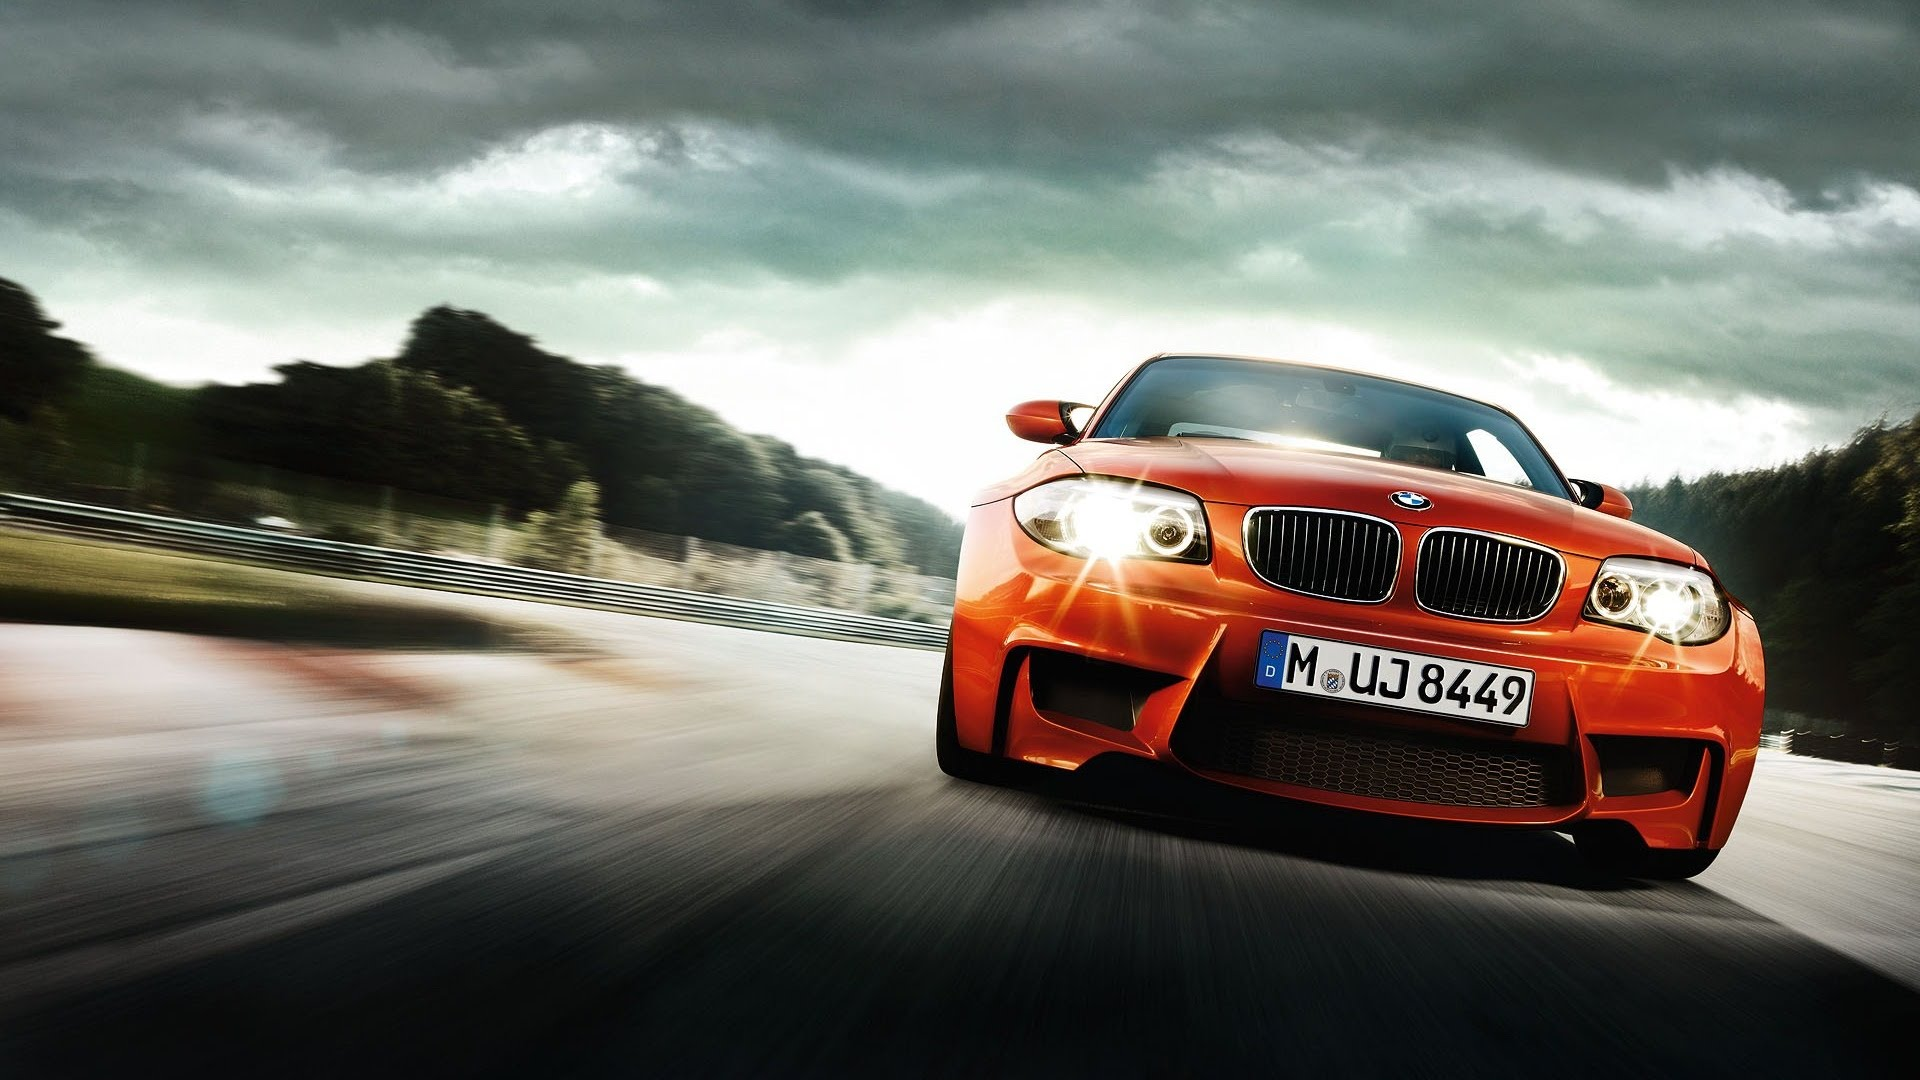 صور اسماء سيارات فخمة , افخم 10 سيارات في العالم